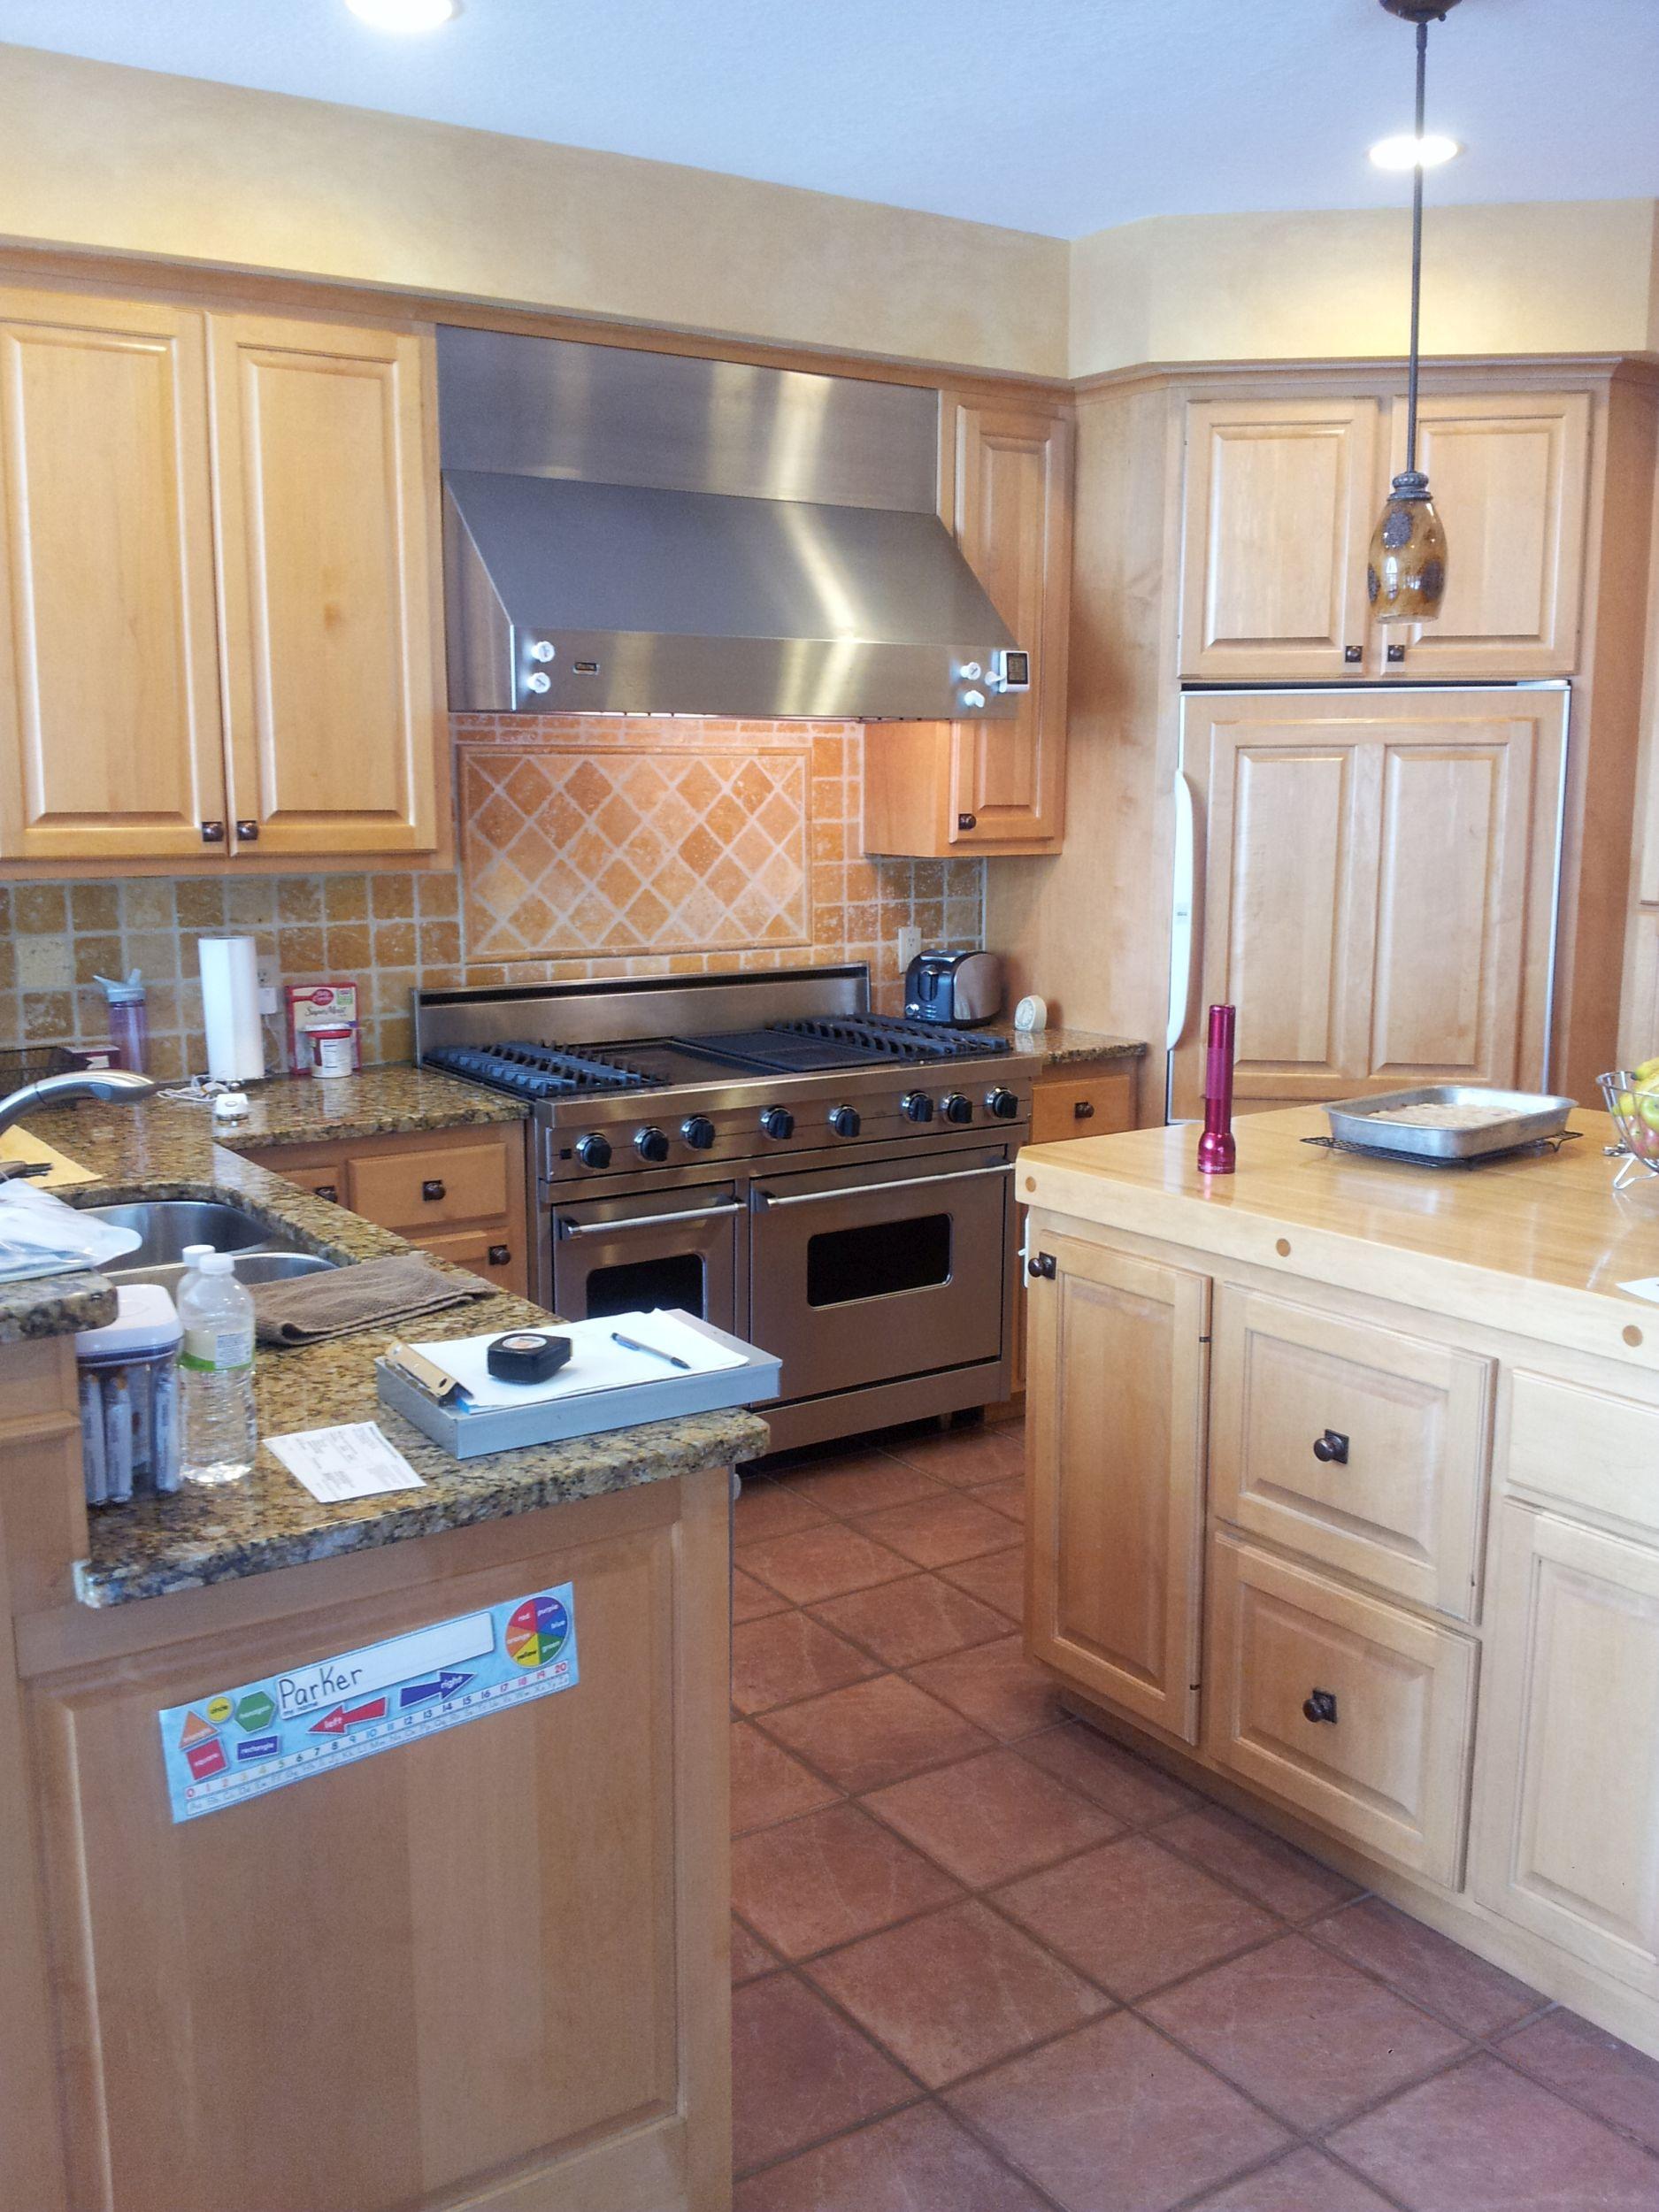 anderson-mcallister_kitchen_before_5.jpg